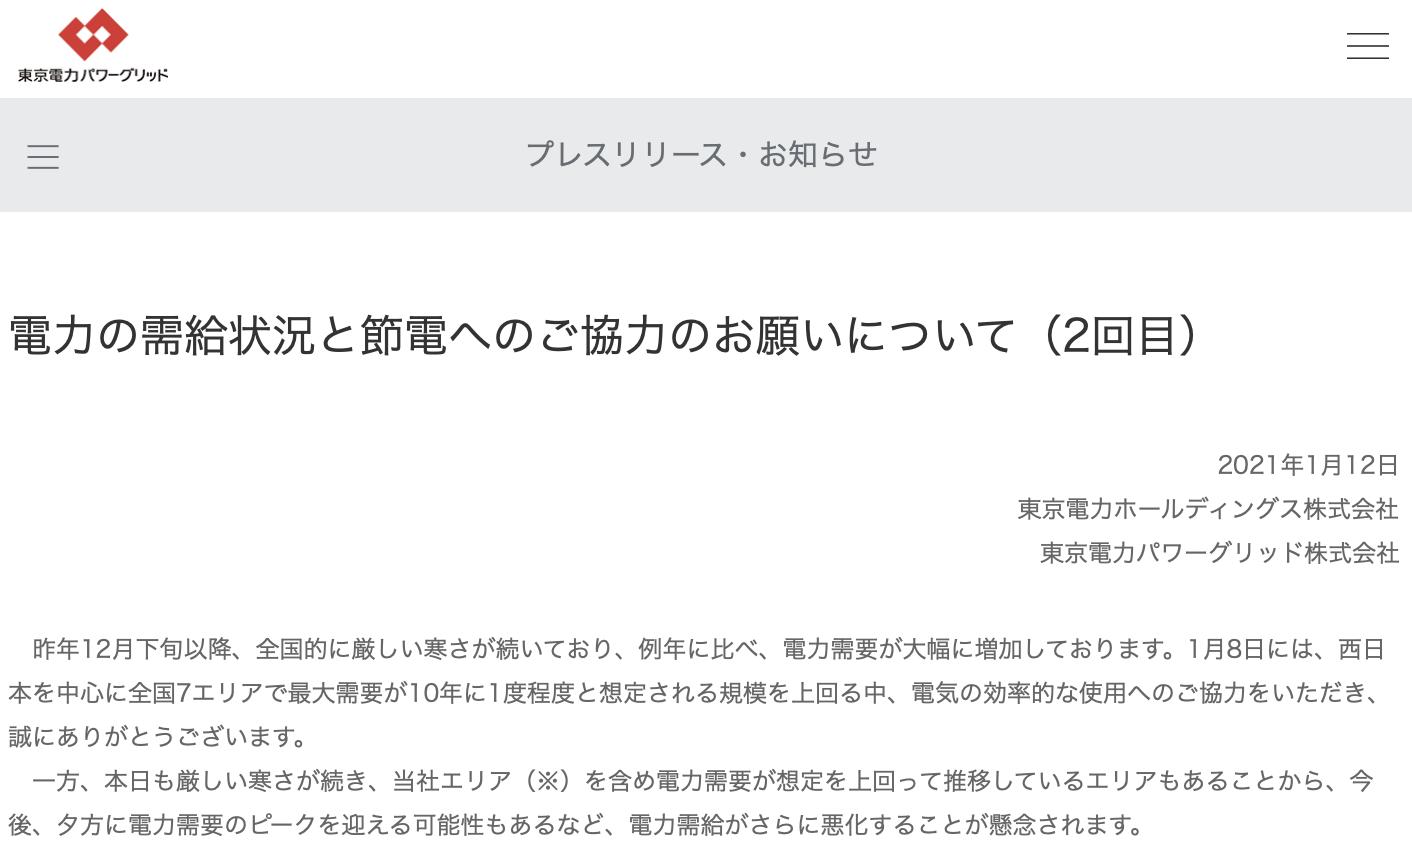 東京電力パワーグリッドプレスリリースより